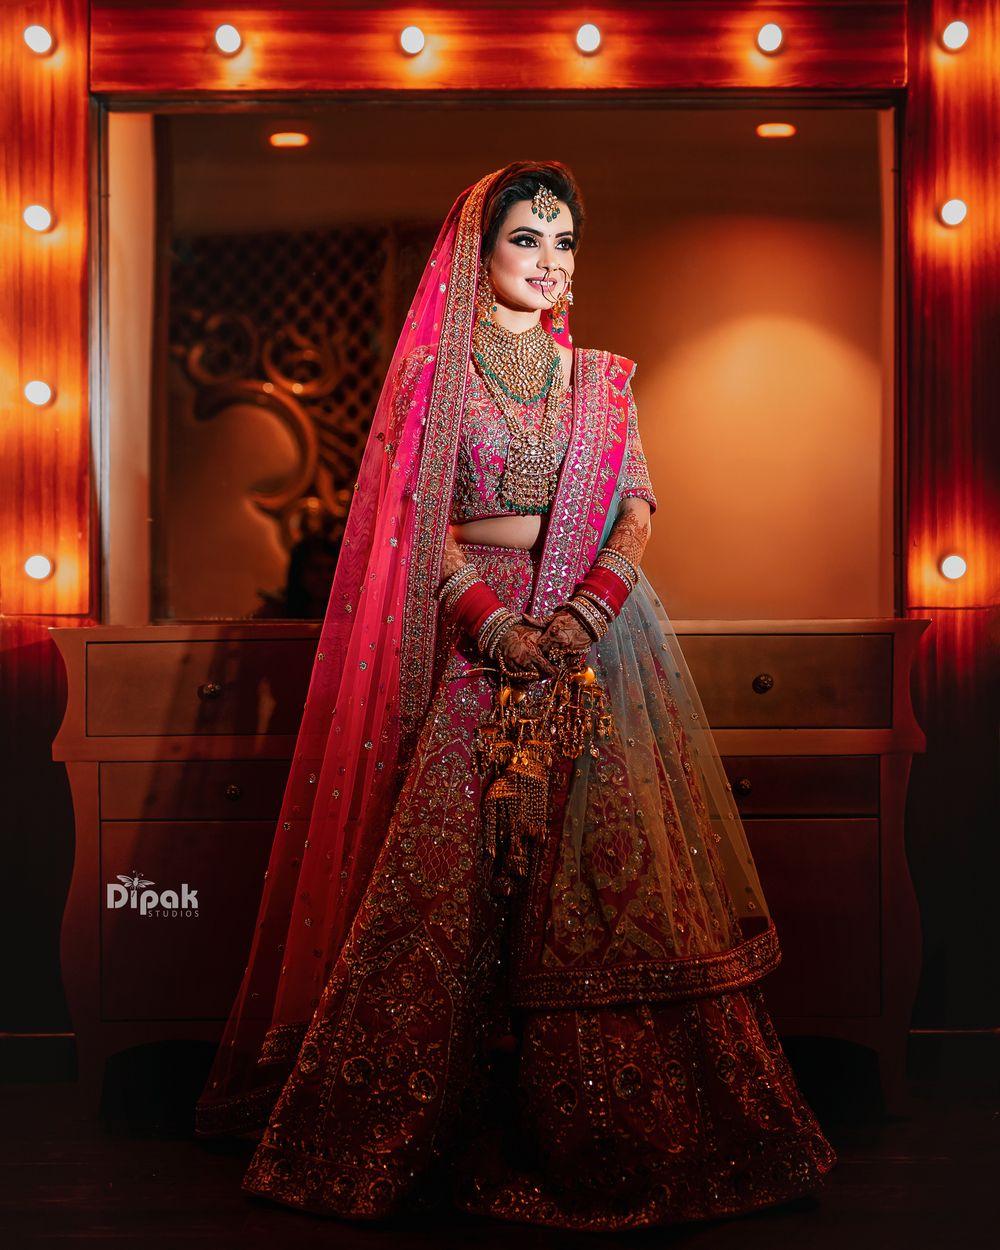 Photo From anish richa  - By Dipak Studios